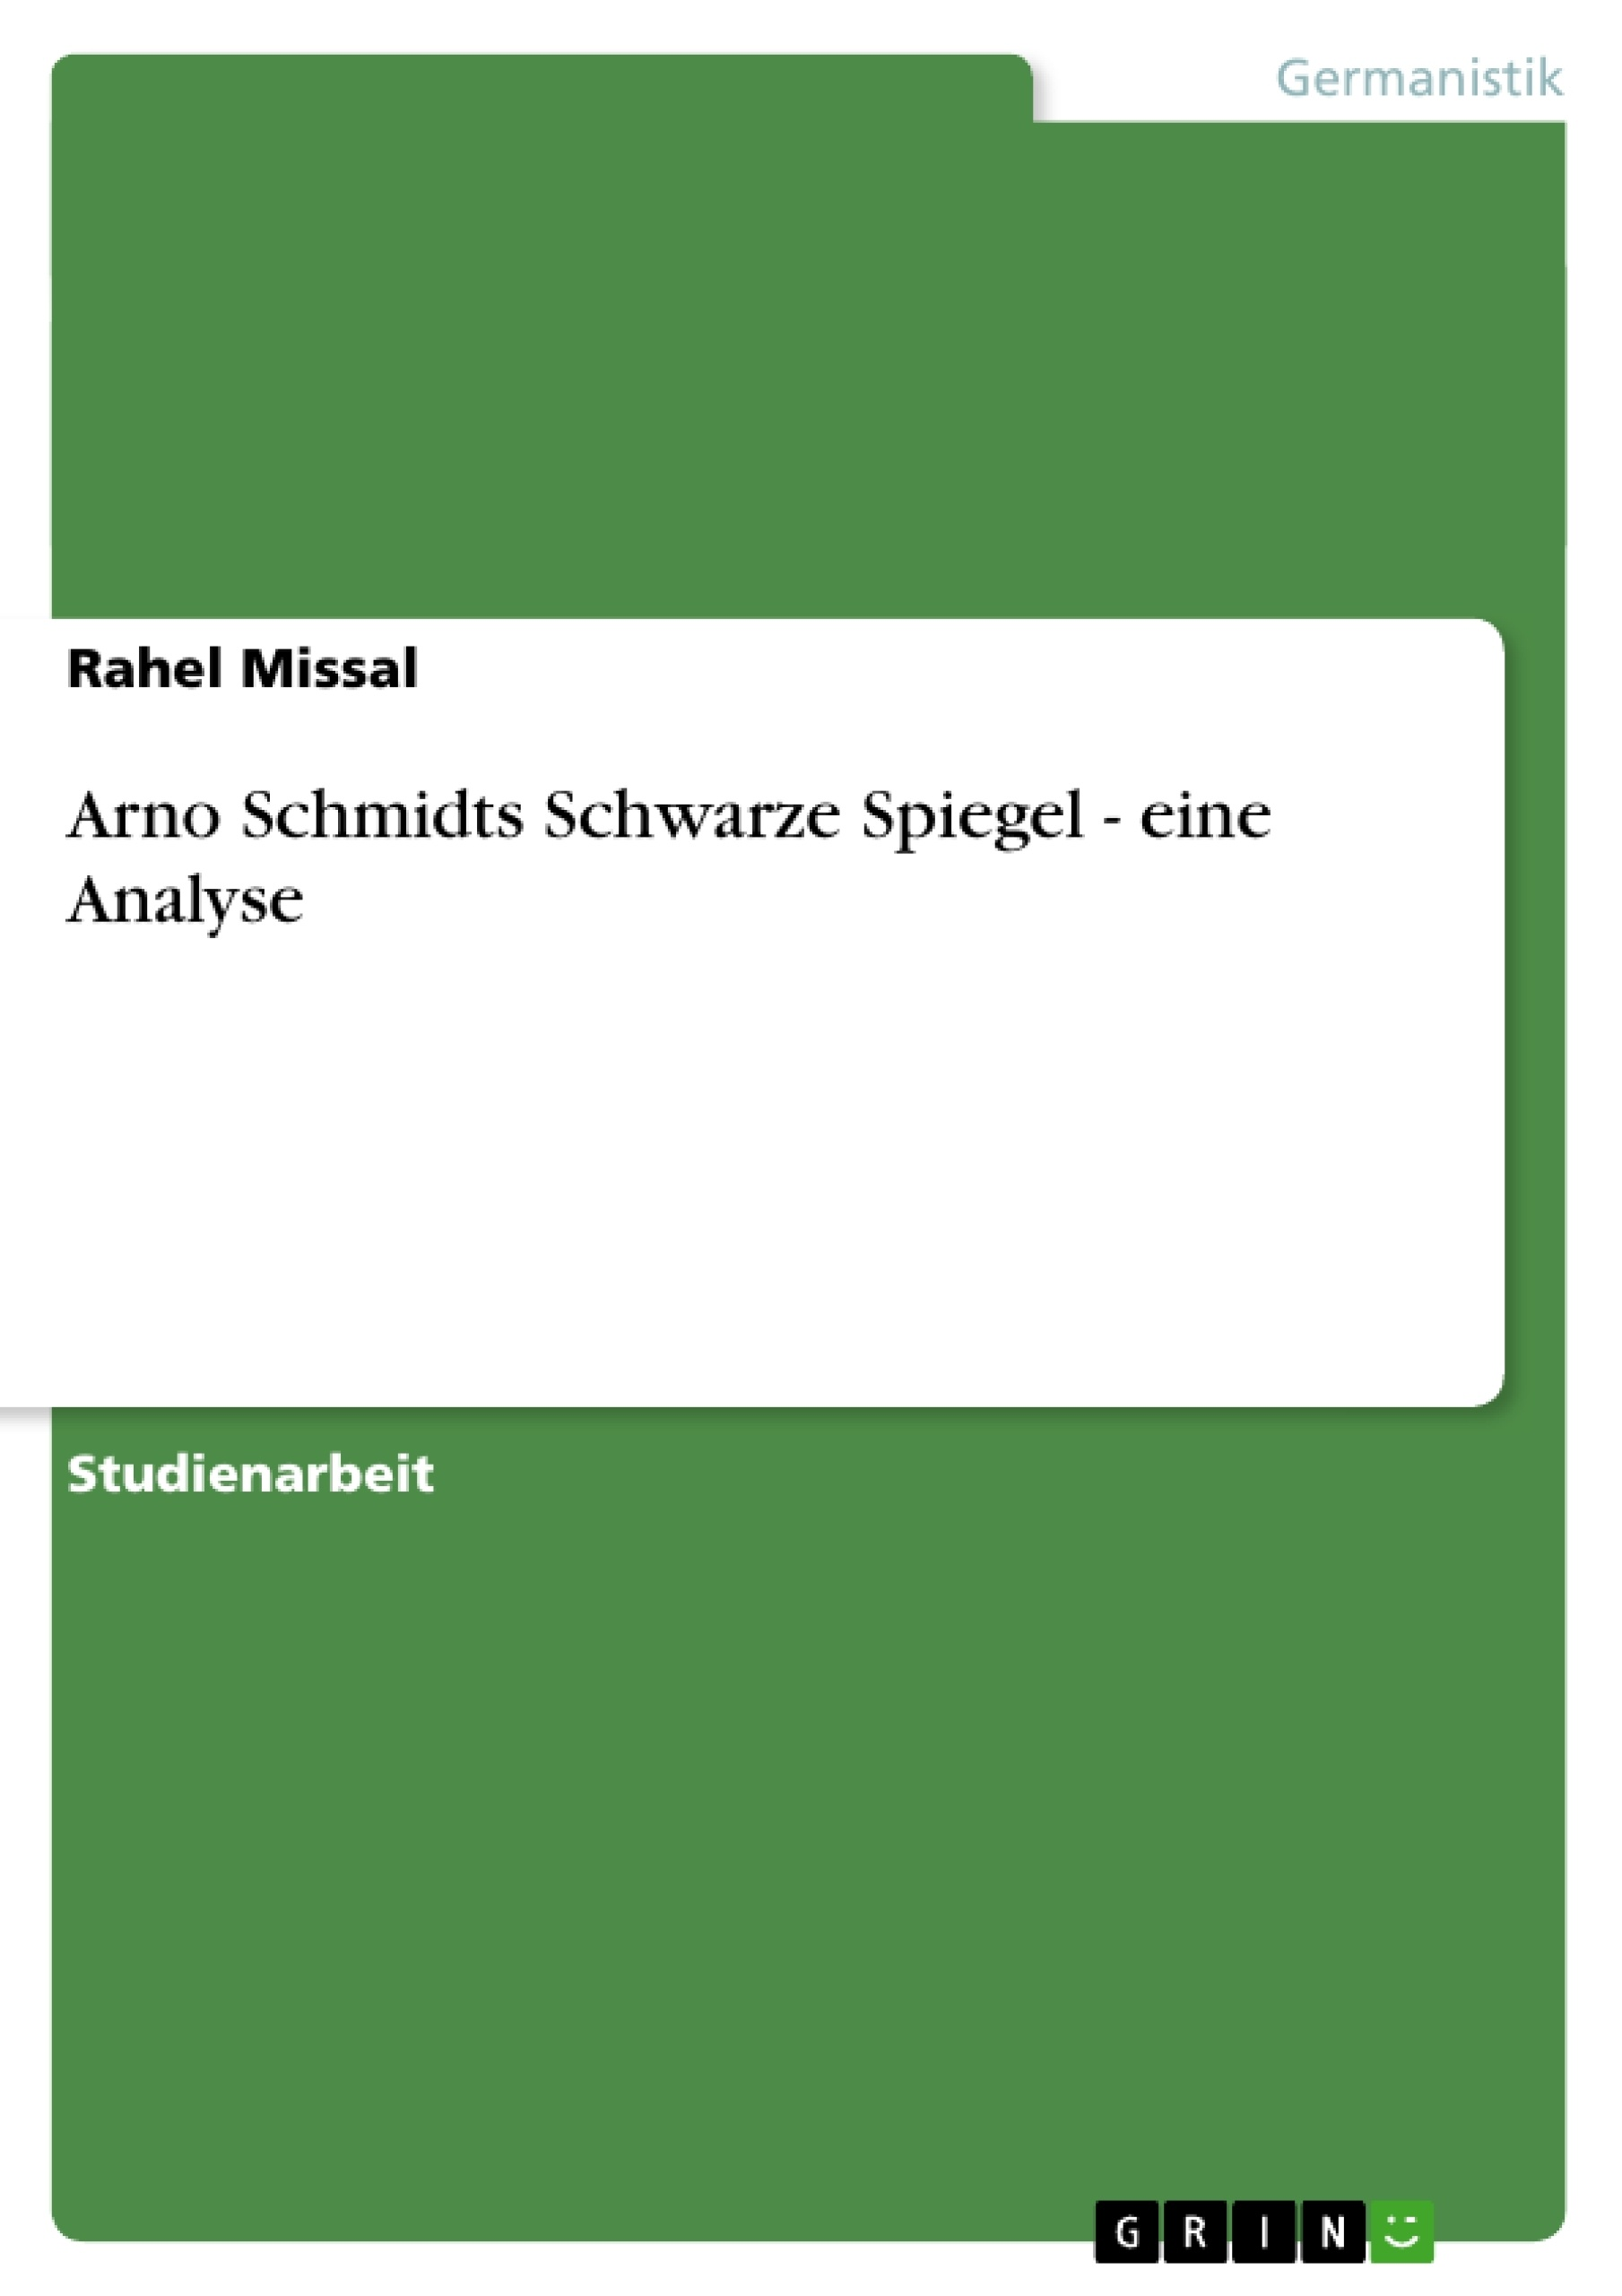 Titel: Arno Schmidts Schwarze Spiegel - eine Analyse